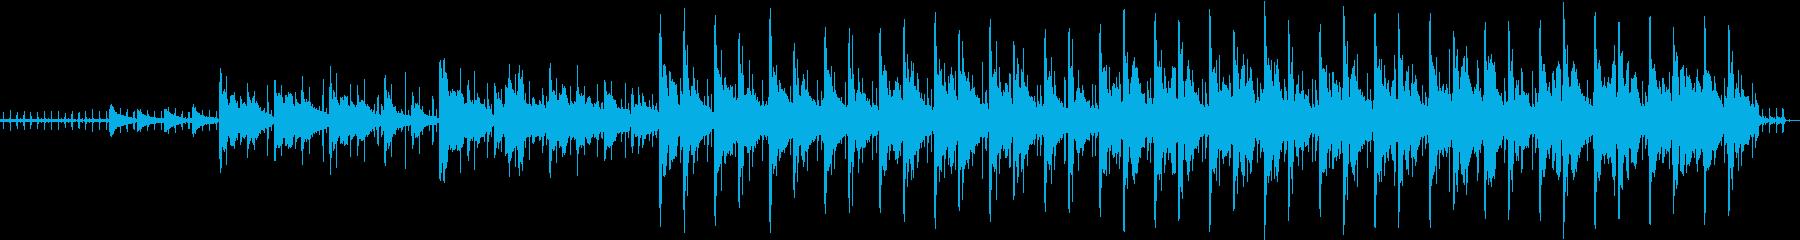 シタールのオリエンタルテイストポップスの再生済みの波形